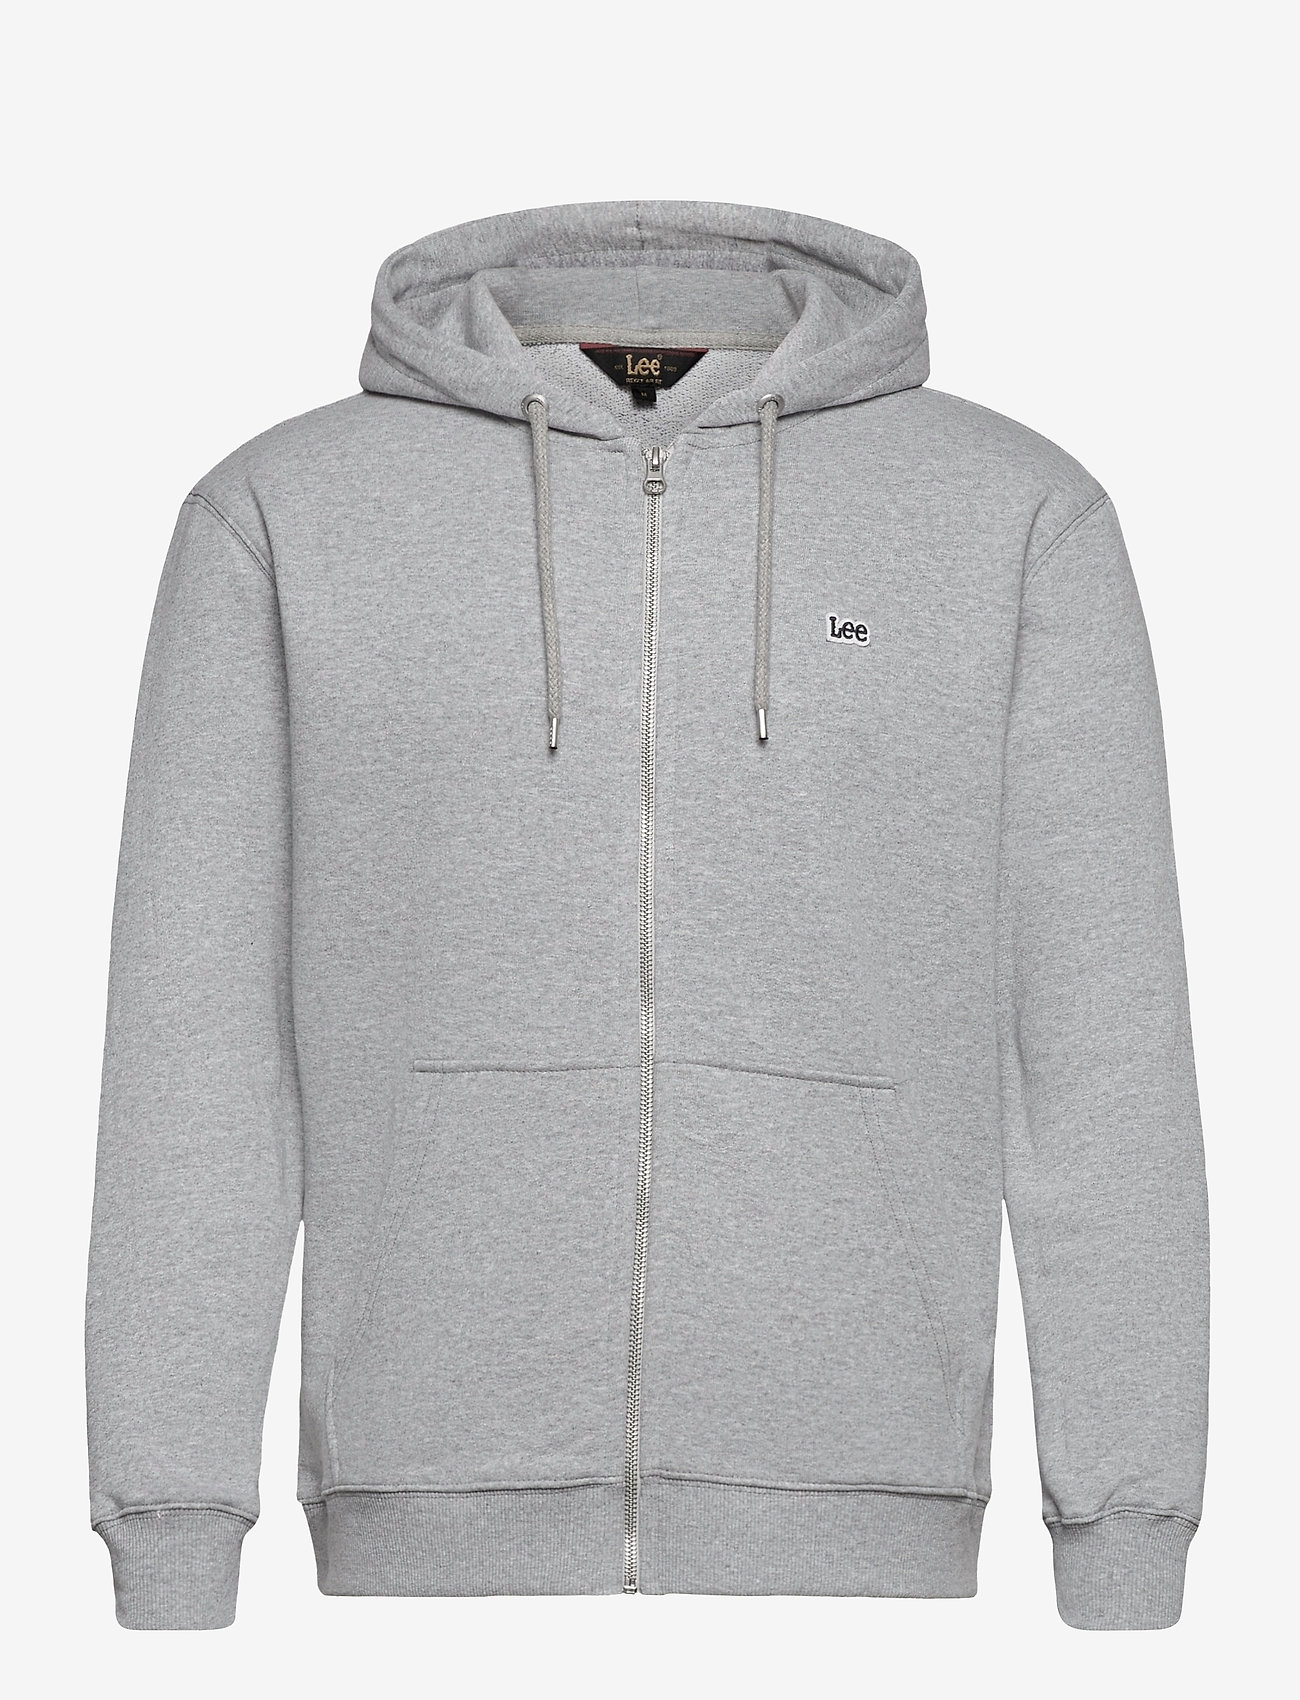 Lee Jeans - BASIC ZIP THROUGH HO - basic sweatshirts - grey mele - 0